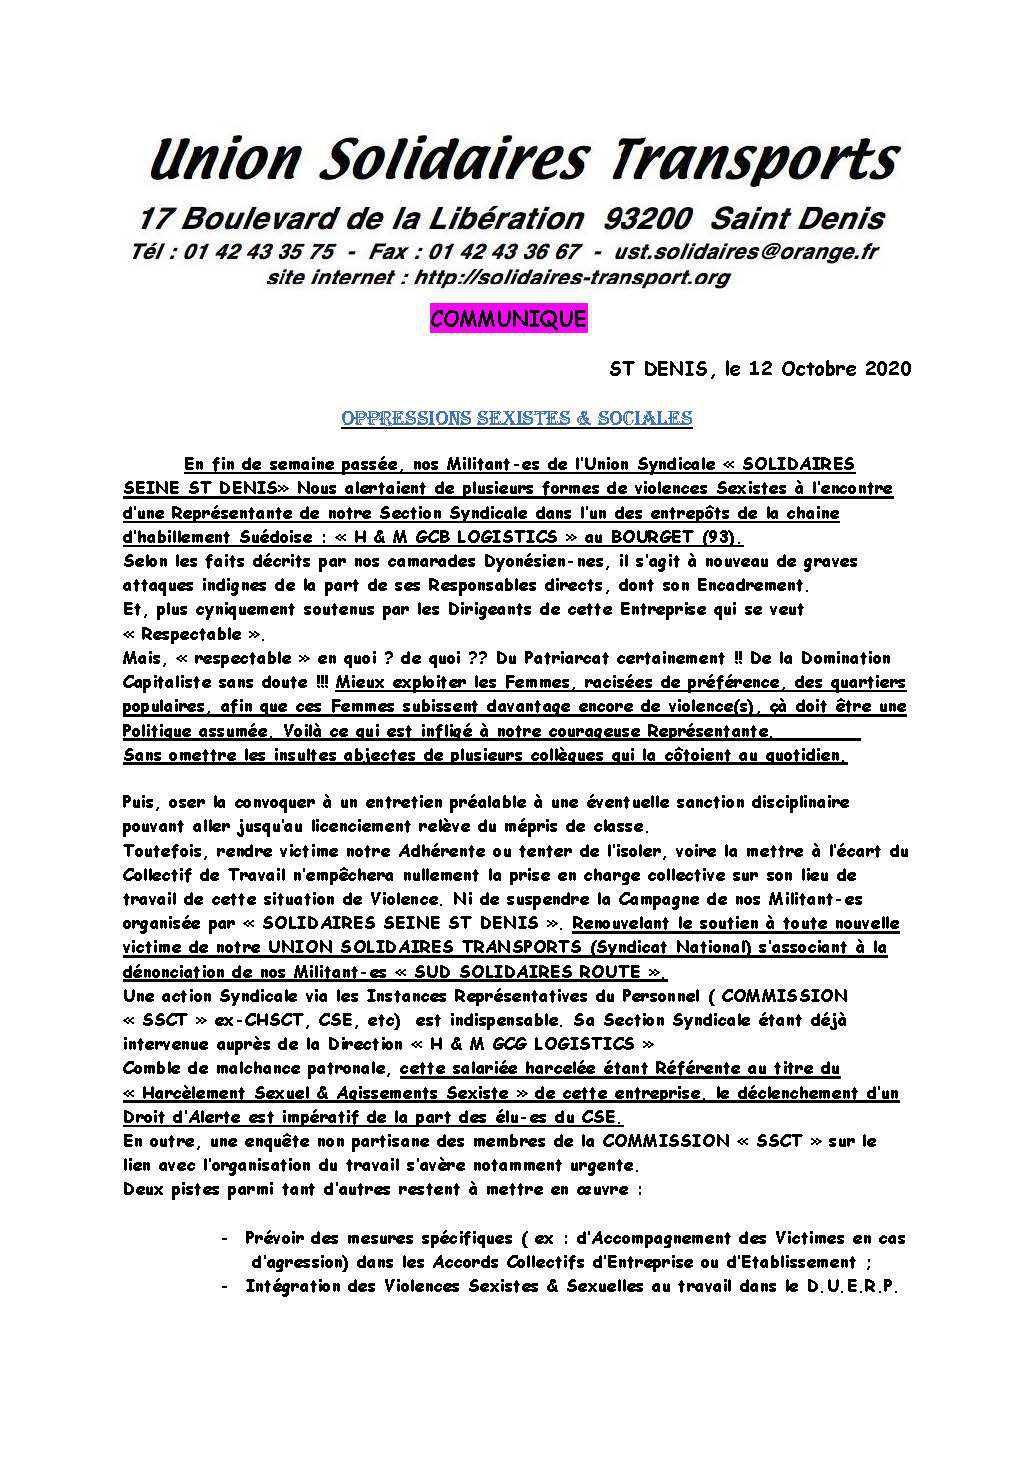 Communiqué UST: OPPRESSIONS SEXISTES & SOCIALES H&M